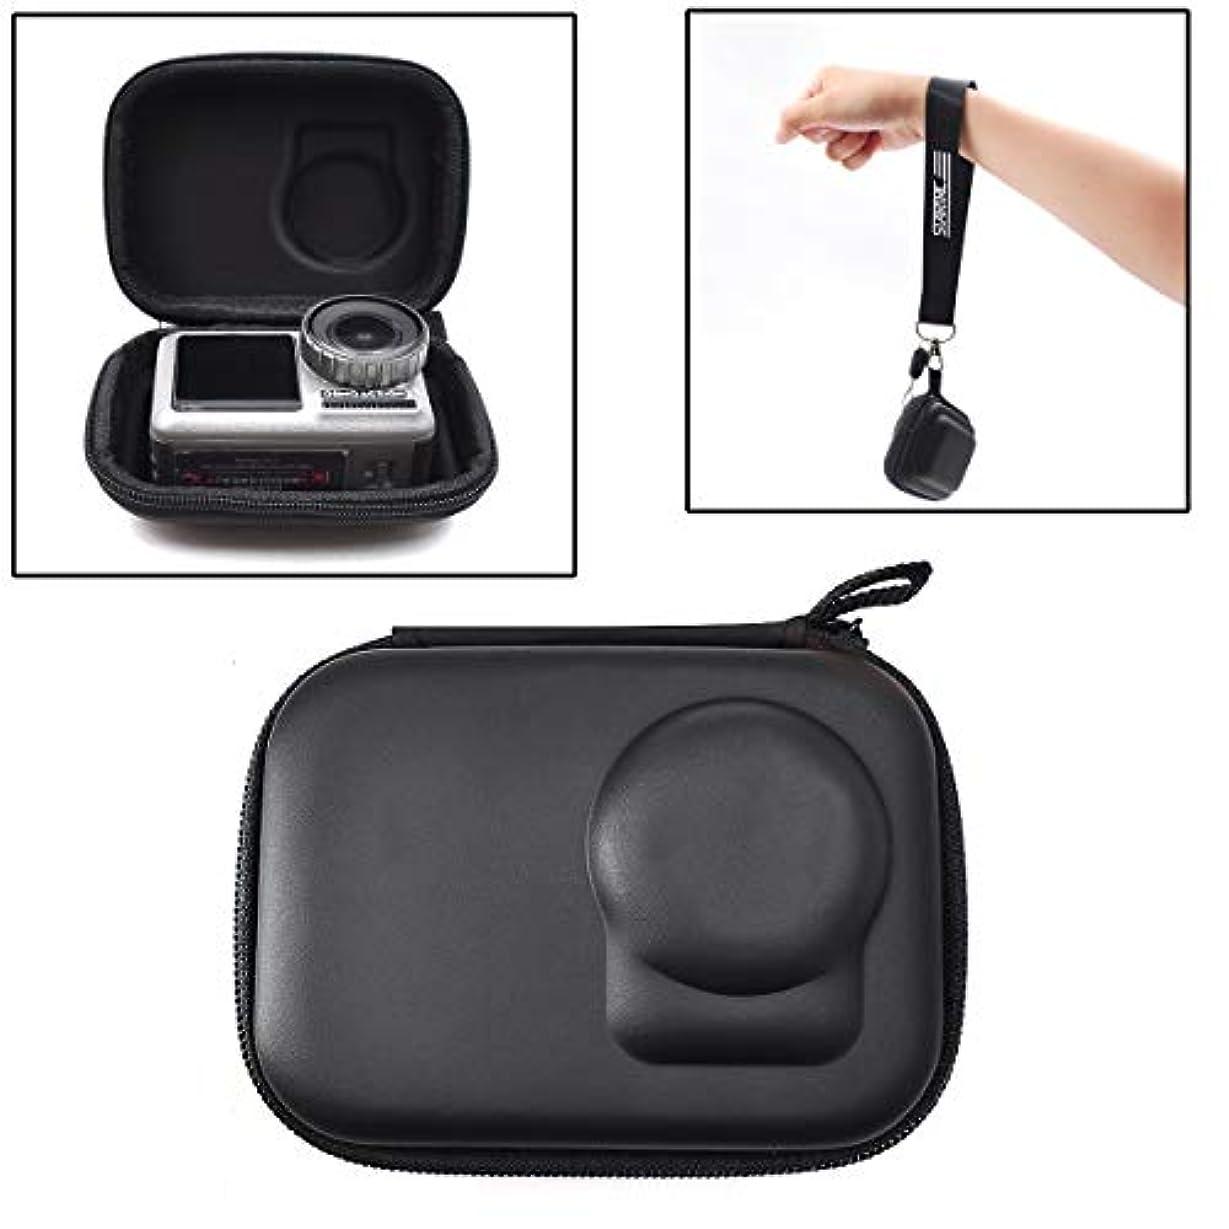 金属節約シロクマOSMO アクションミニストレージバッグ キャリーハードシェルケース 防水ボックス DJI OSMOアクションカメラアクセサリー